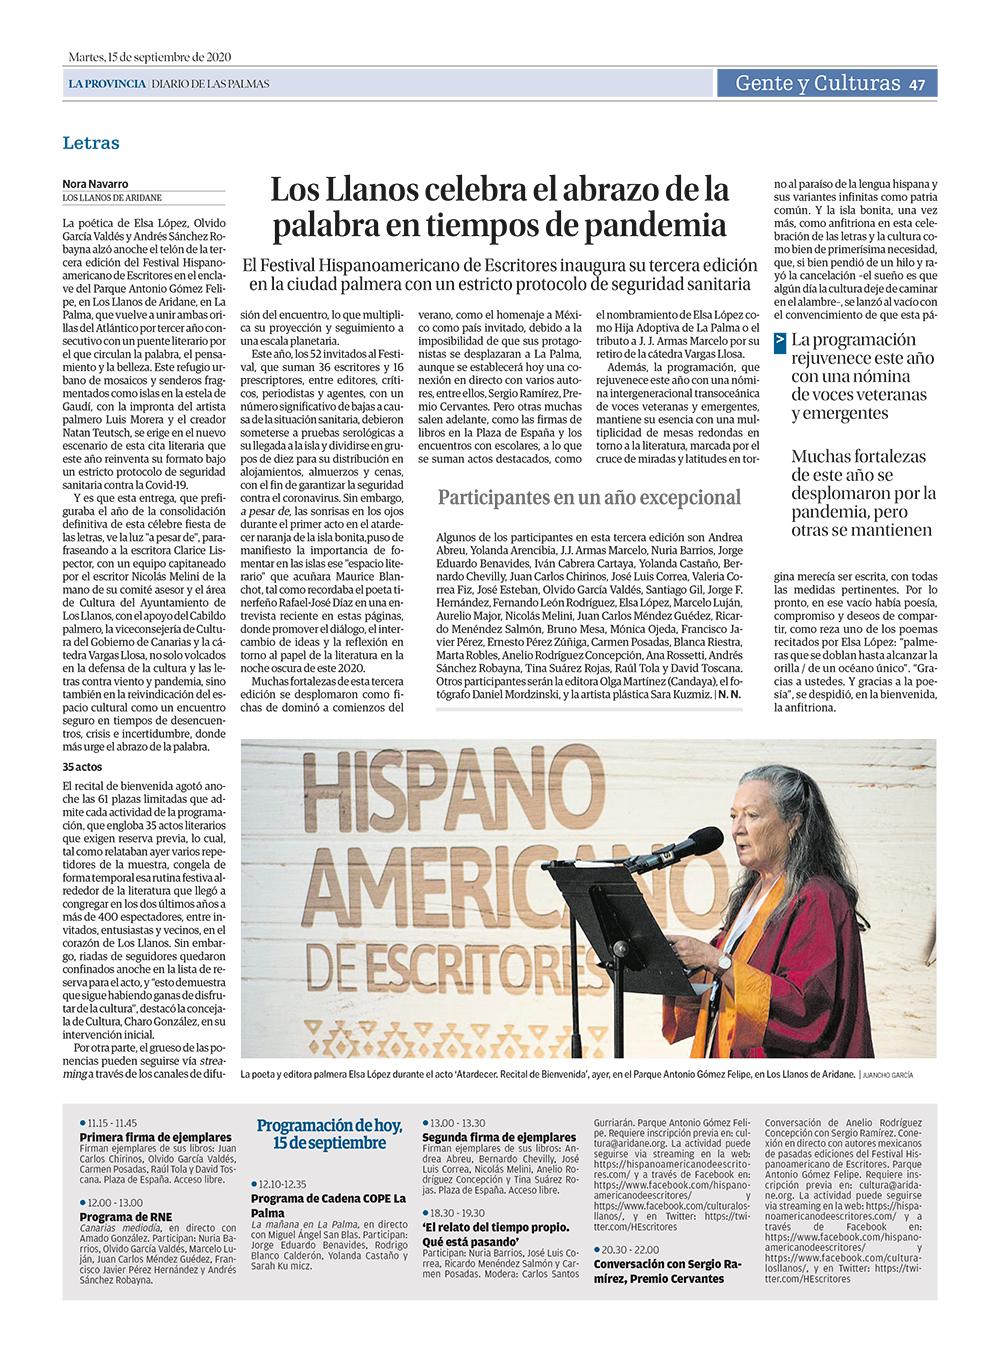 PDF-Festival-Hispanoamericano-de-Escritores---Recital